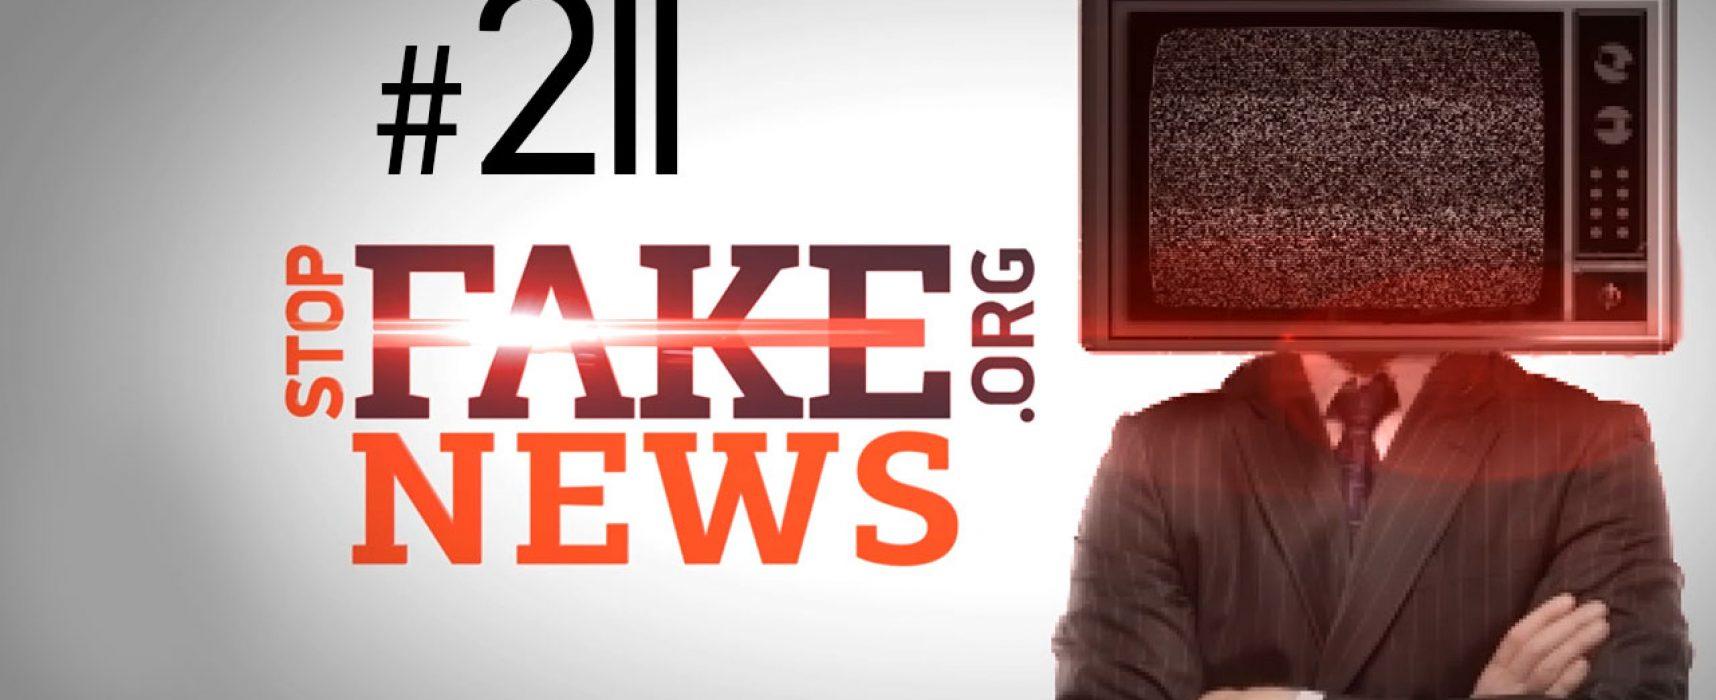 Доказано: русский БУК сбил рейс MH17 — SFN #211